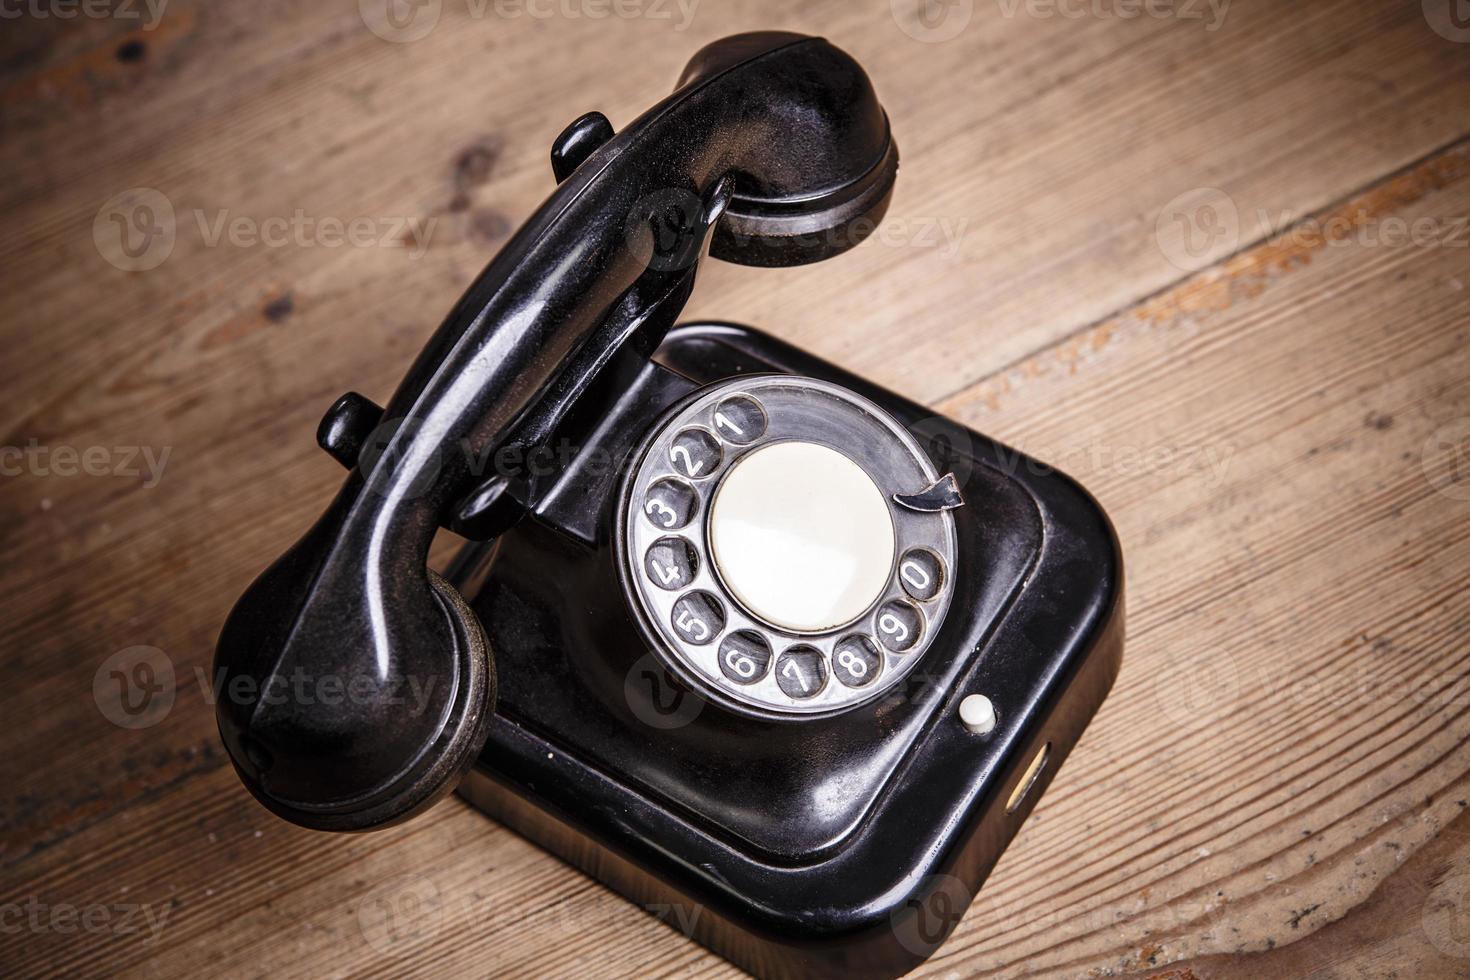 gammal svart telefon med damm och repor på trägolvet foto